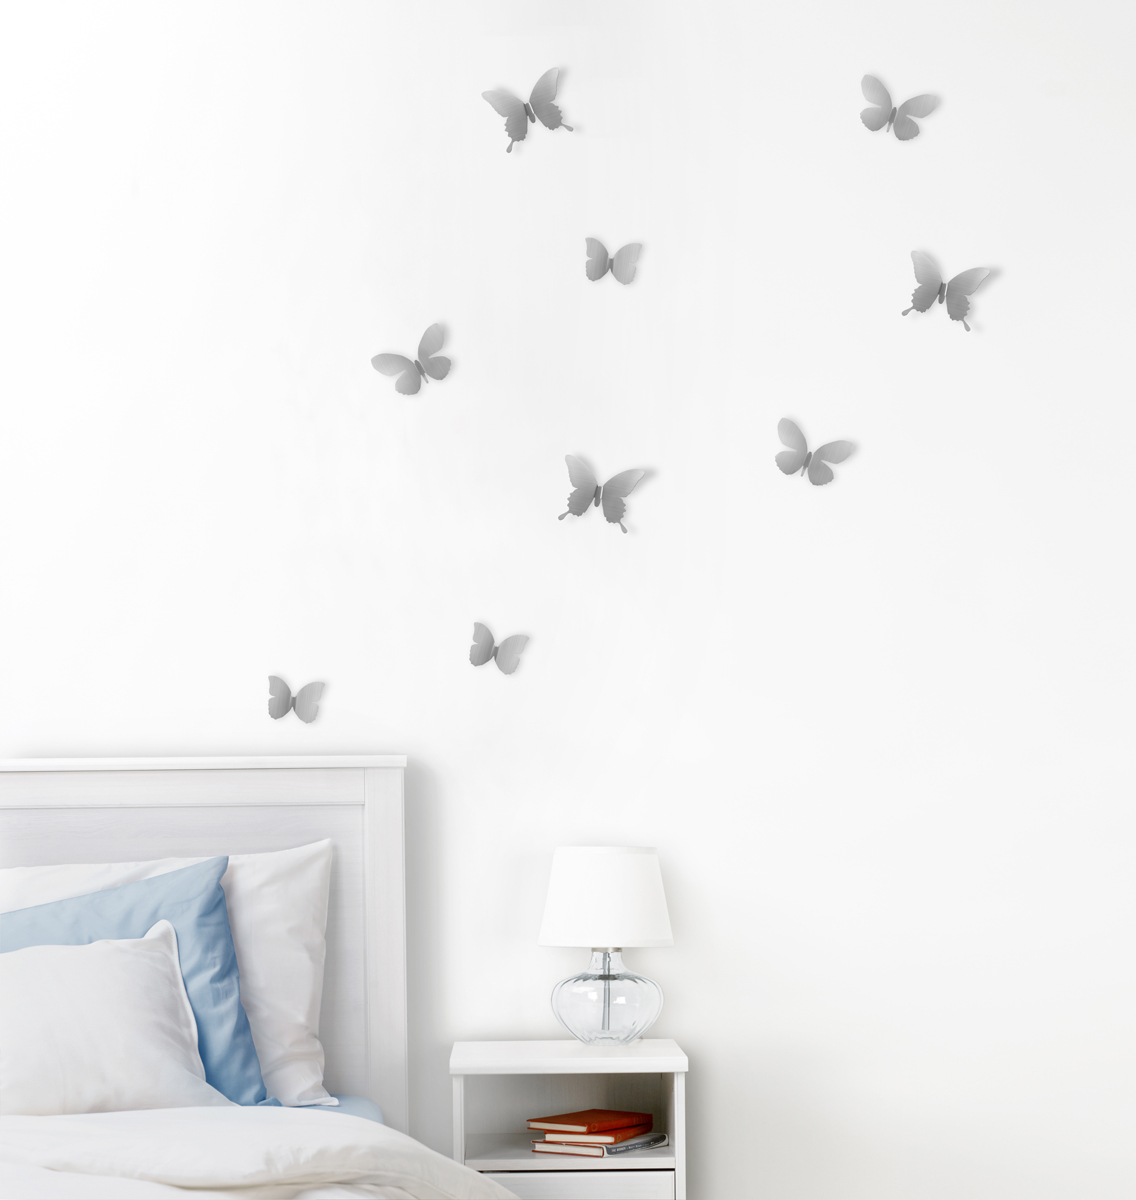 Добавьте интерьеру весеннего настроения! Набор из 9 летящих бабочек добавит комнате легкости и превратит любую скучную стену в уникально декорированное пространство. Идеально подойдет для украшения спальни, гостиной или детской комнаты.Крепятся бабочки на специальный двусторонний скотч, который не оставляет следов на стене (идет в комплекте). Три размера: от самой маленькой бабочки 5 х 6 х 1 см до 9 х 10 х 3 см.